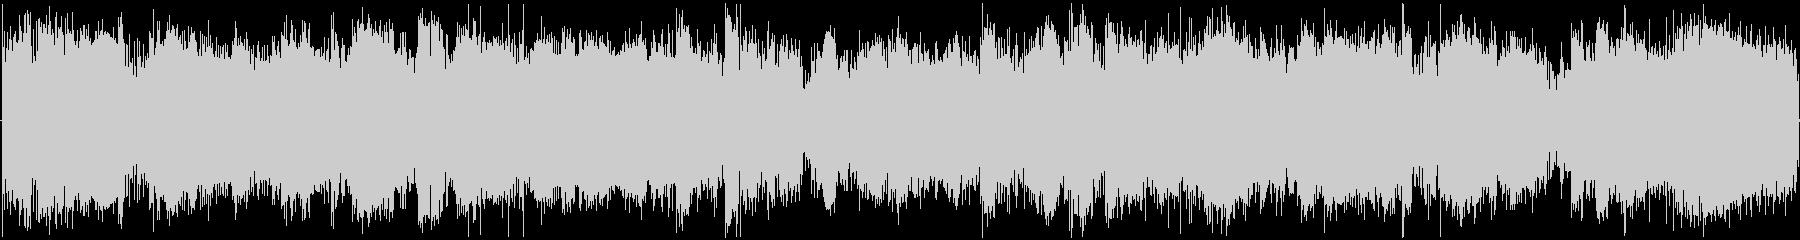 イメージ 極端な異常なクレイジー低02の未再生の波形